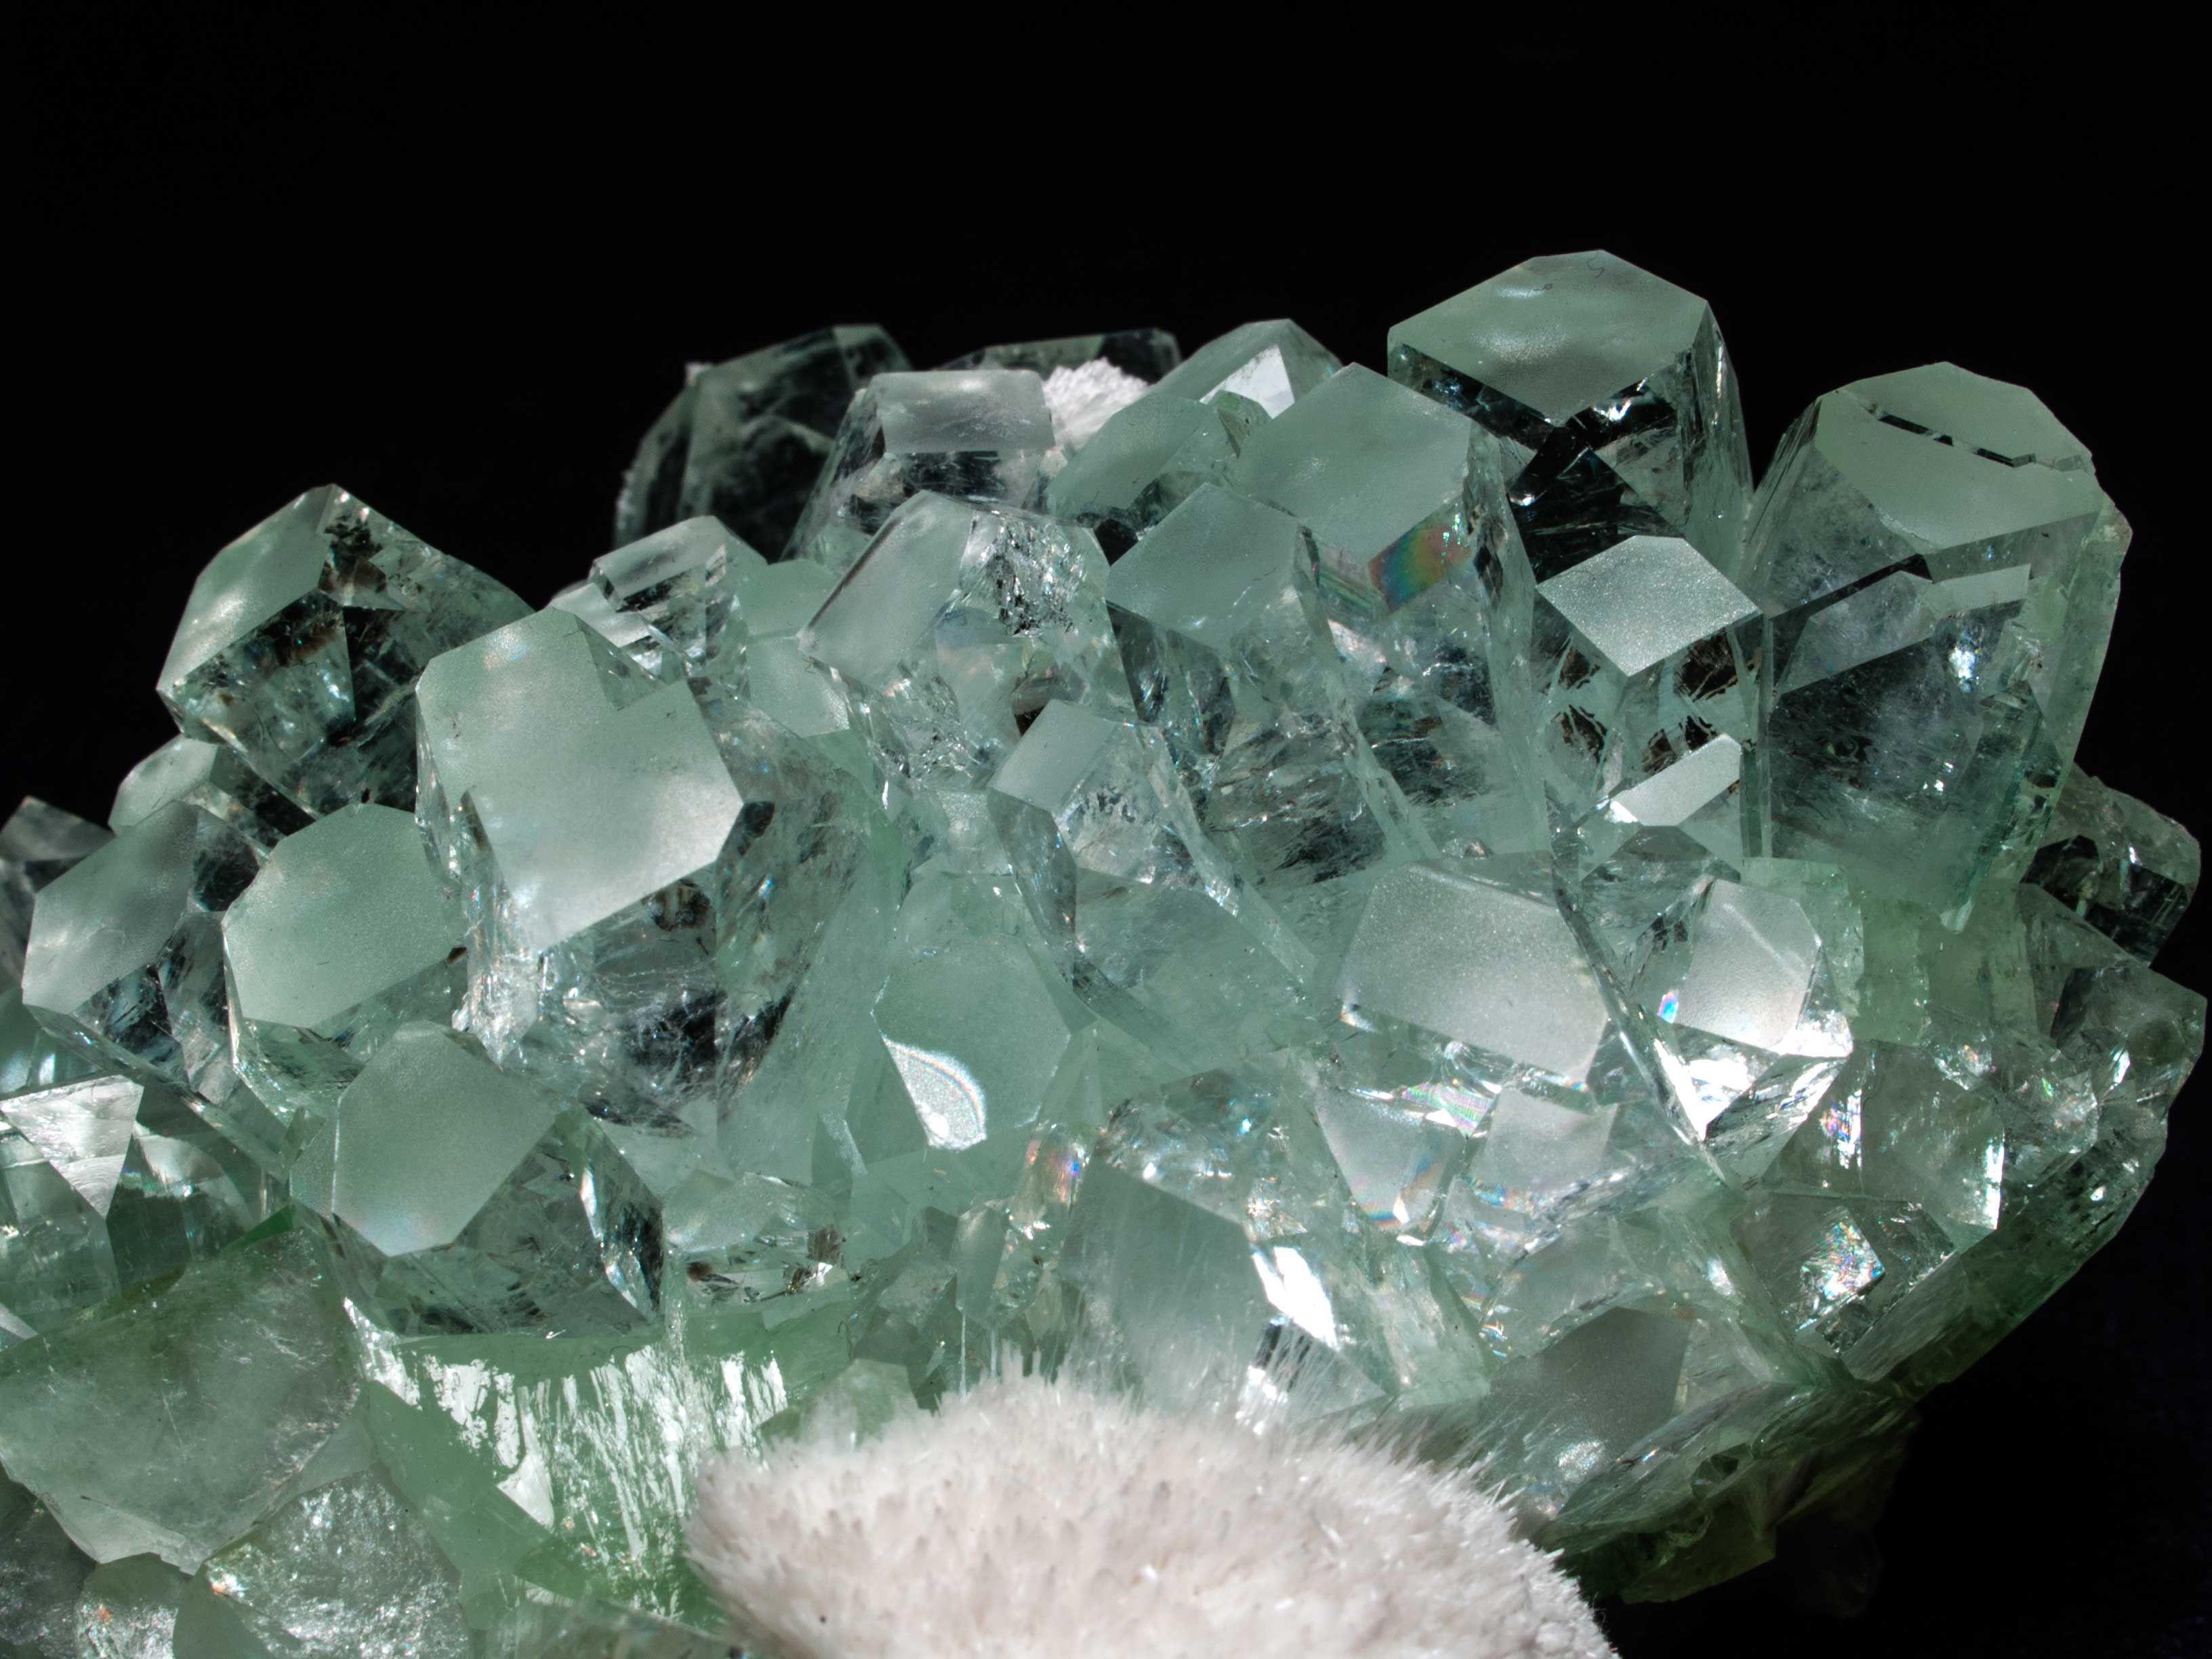 Apophyllite -(K,Na)Ca4Si8O20(F,OH)·8H2O